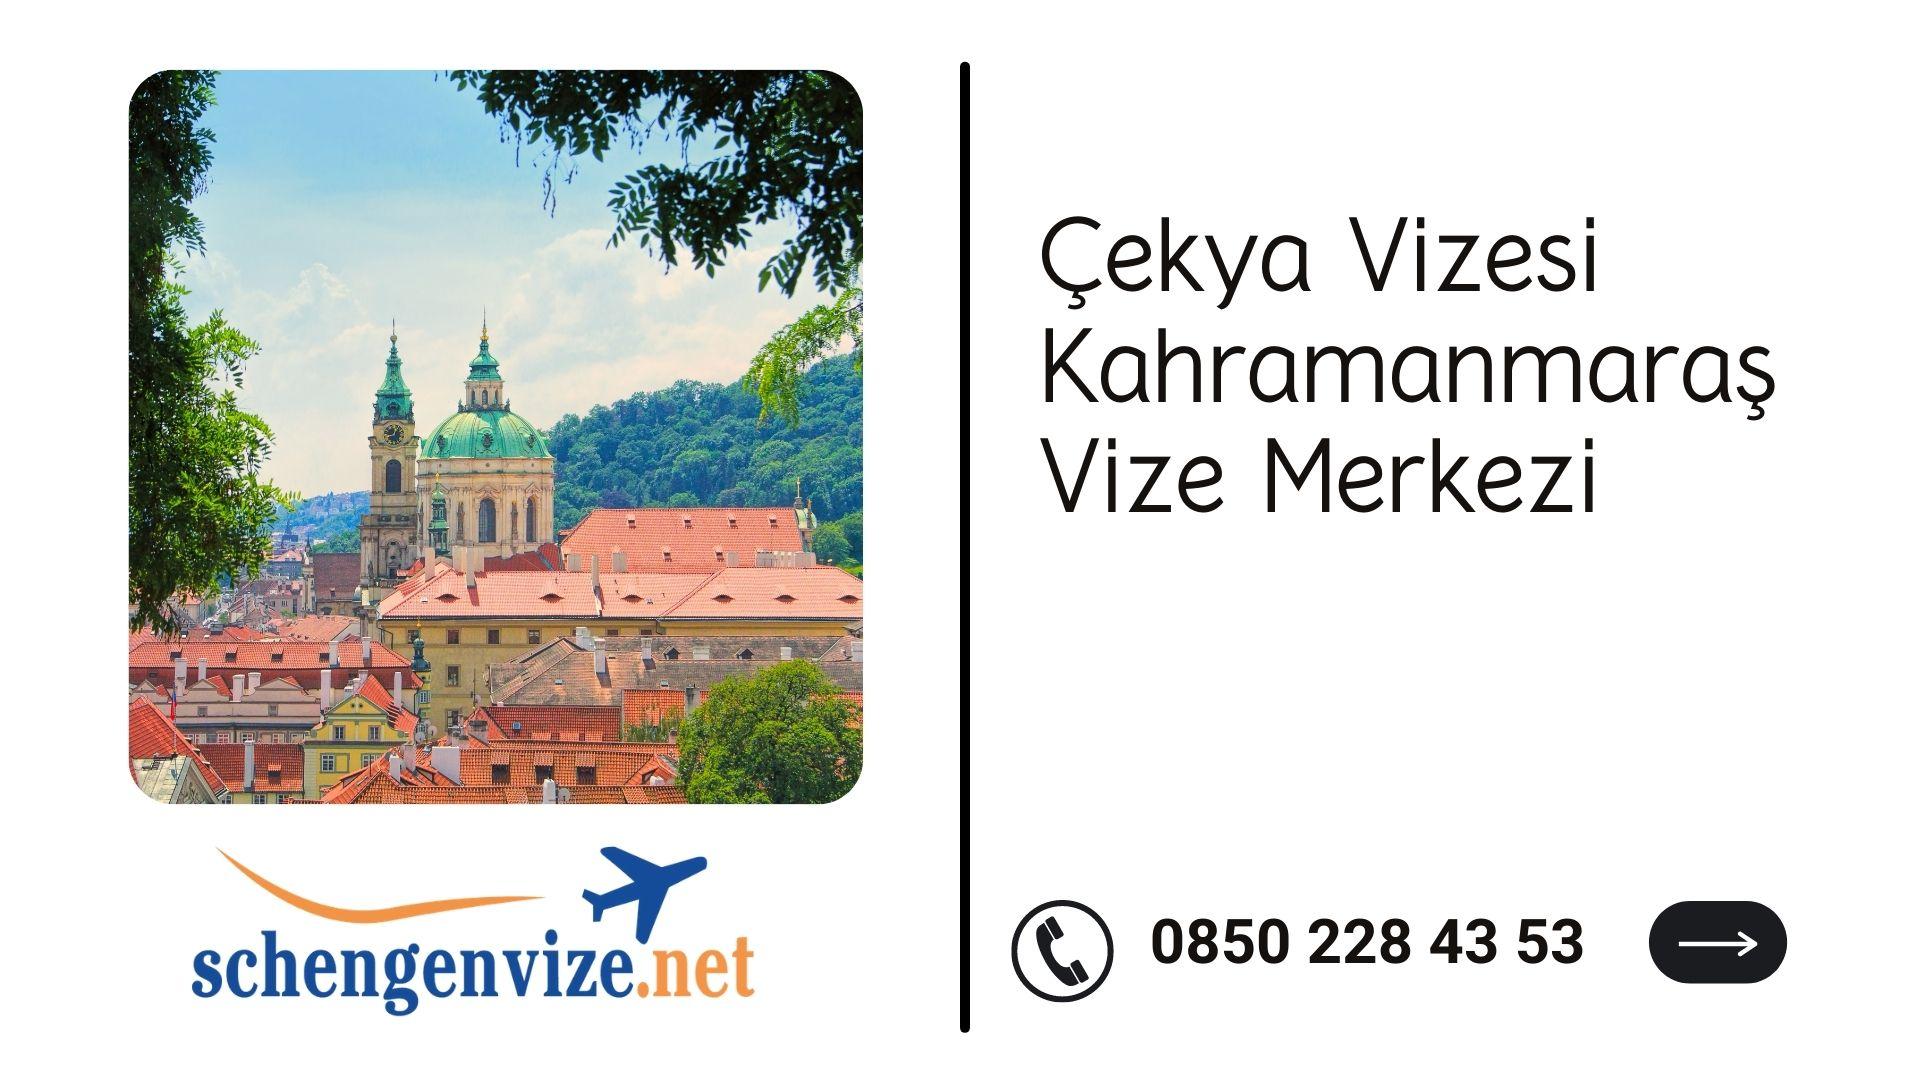 Çekya Vizesi Kahramanmaraş Vize Merkezi